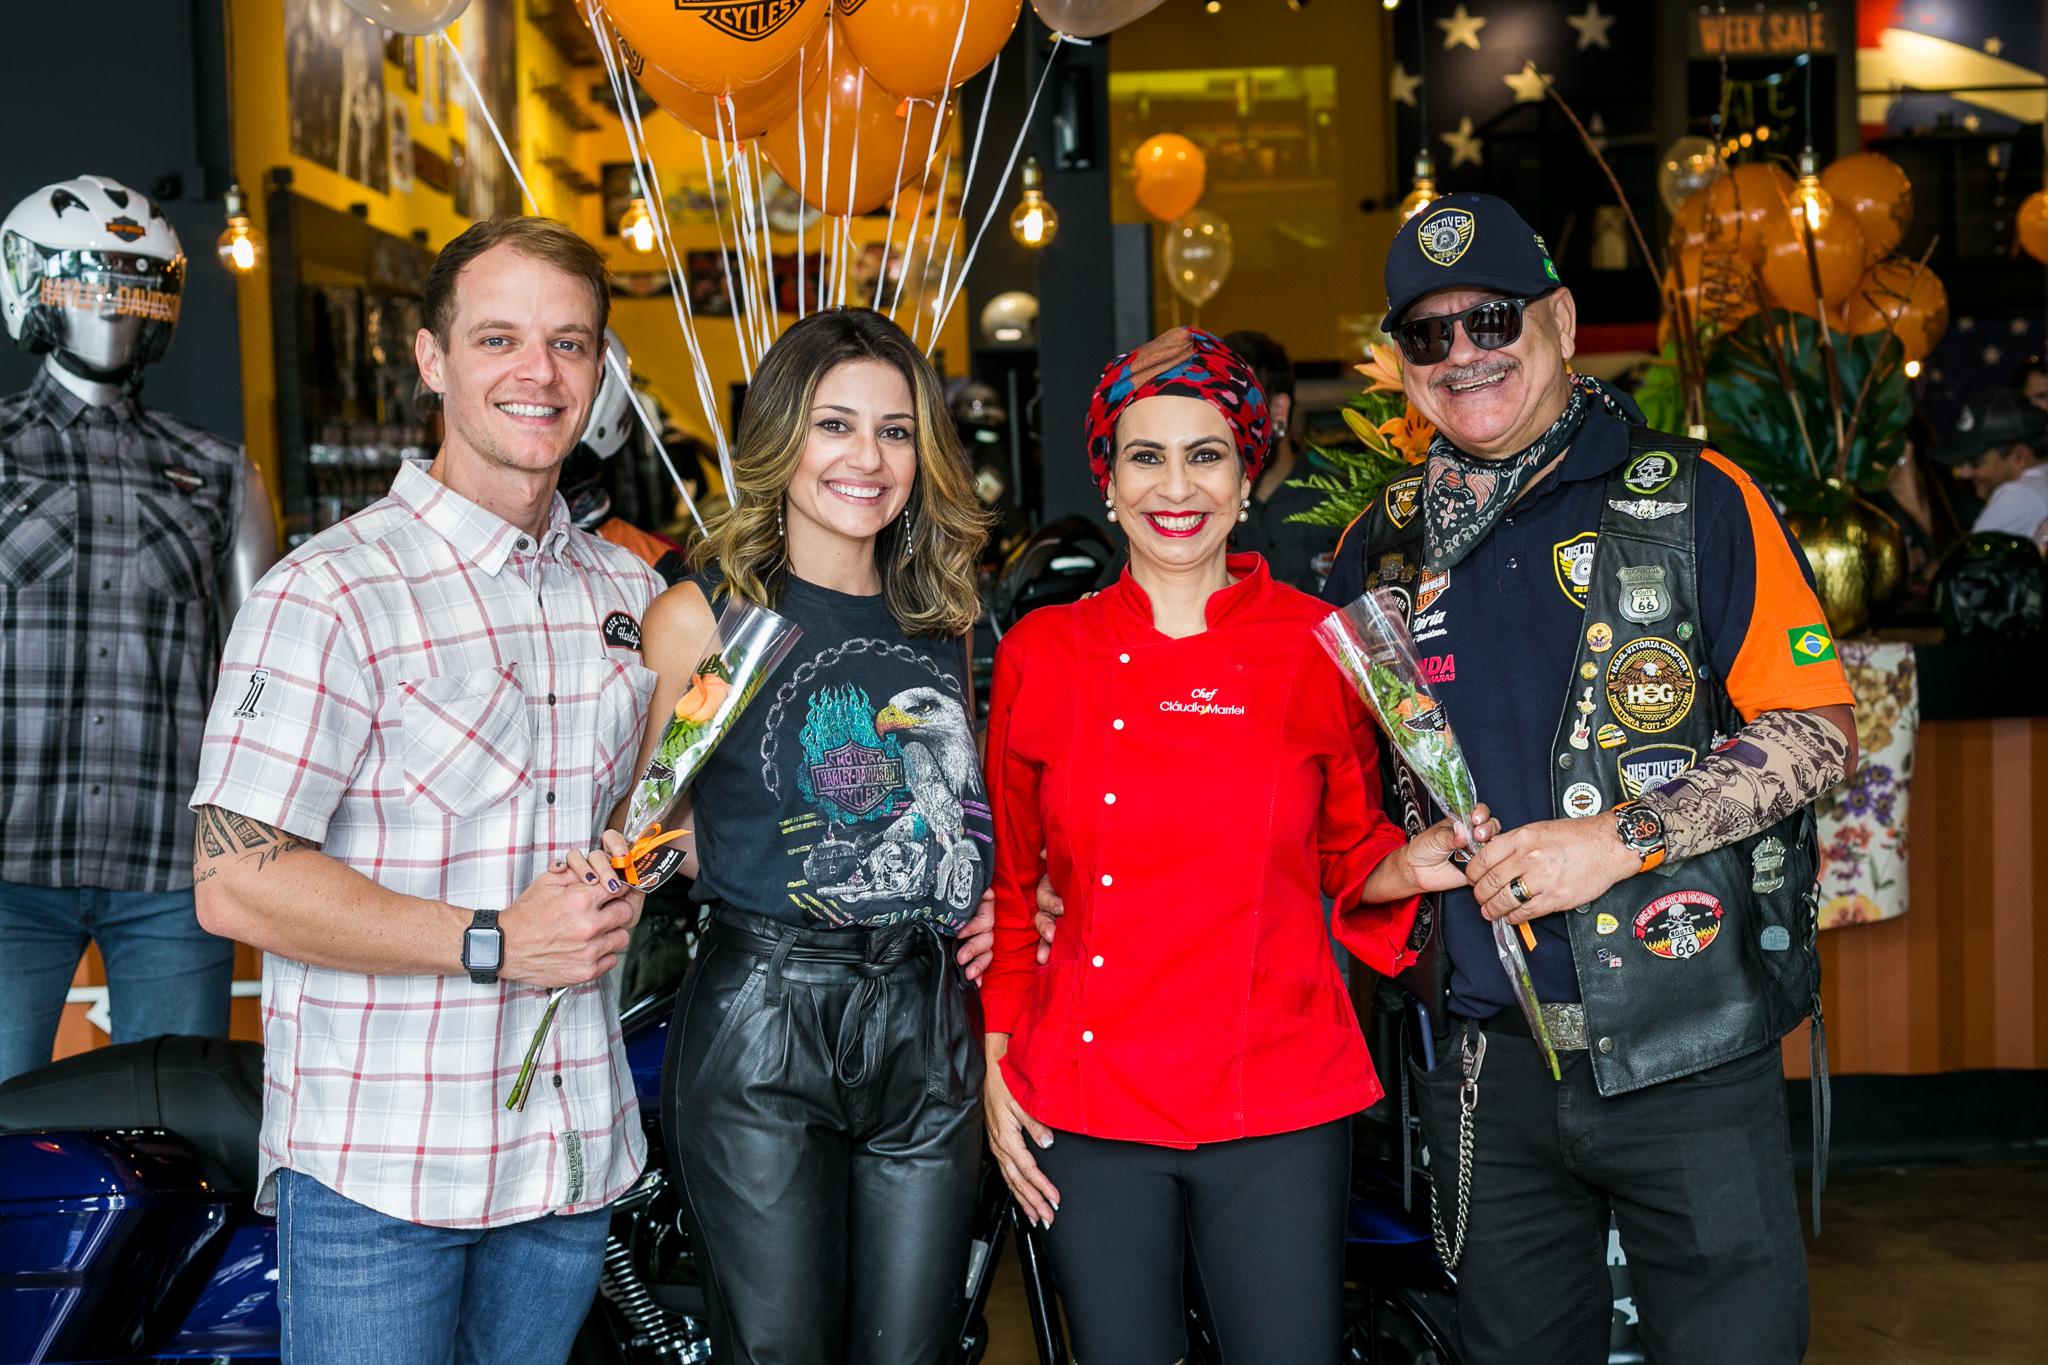 Diego Lobato, Ieda Pontes, Claudia Marriel e Lucimar Cardozo em dia de comemoração às mulheres na Vitória Harley-Davidson, na Enseada do Suá. Foto: Kias Benaducci